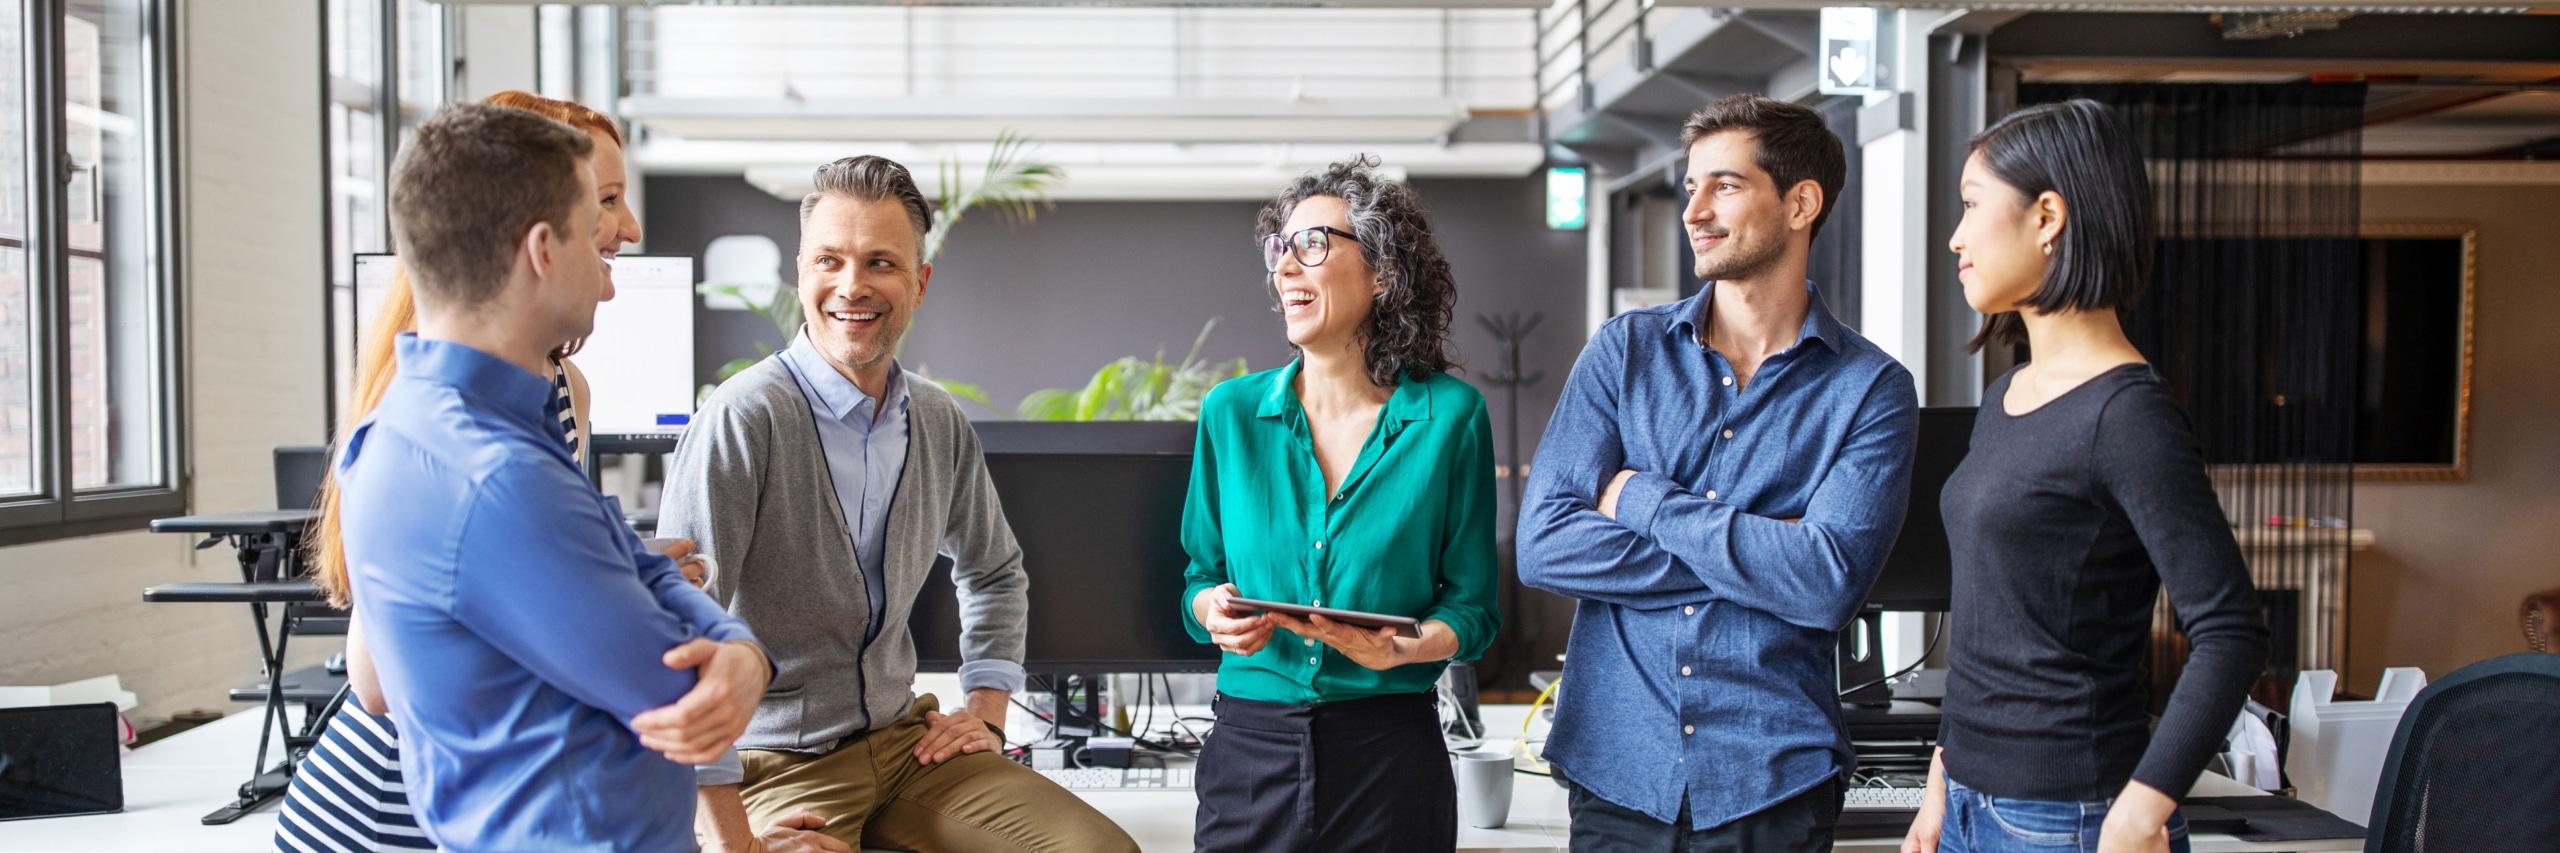 Meet-the-team-Matthieu-Silbermann-Chief-Product-Officer